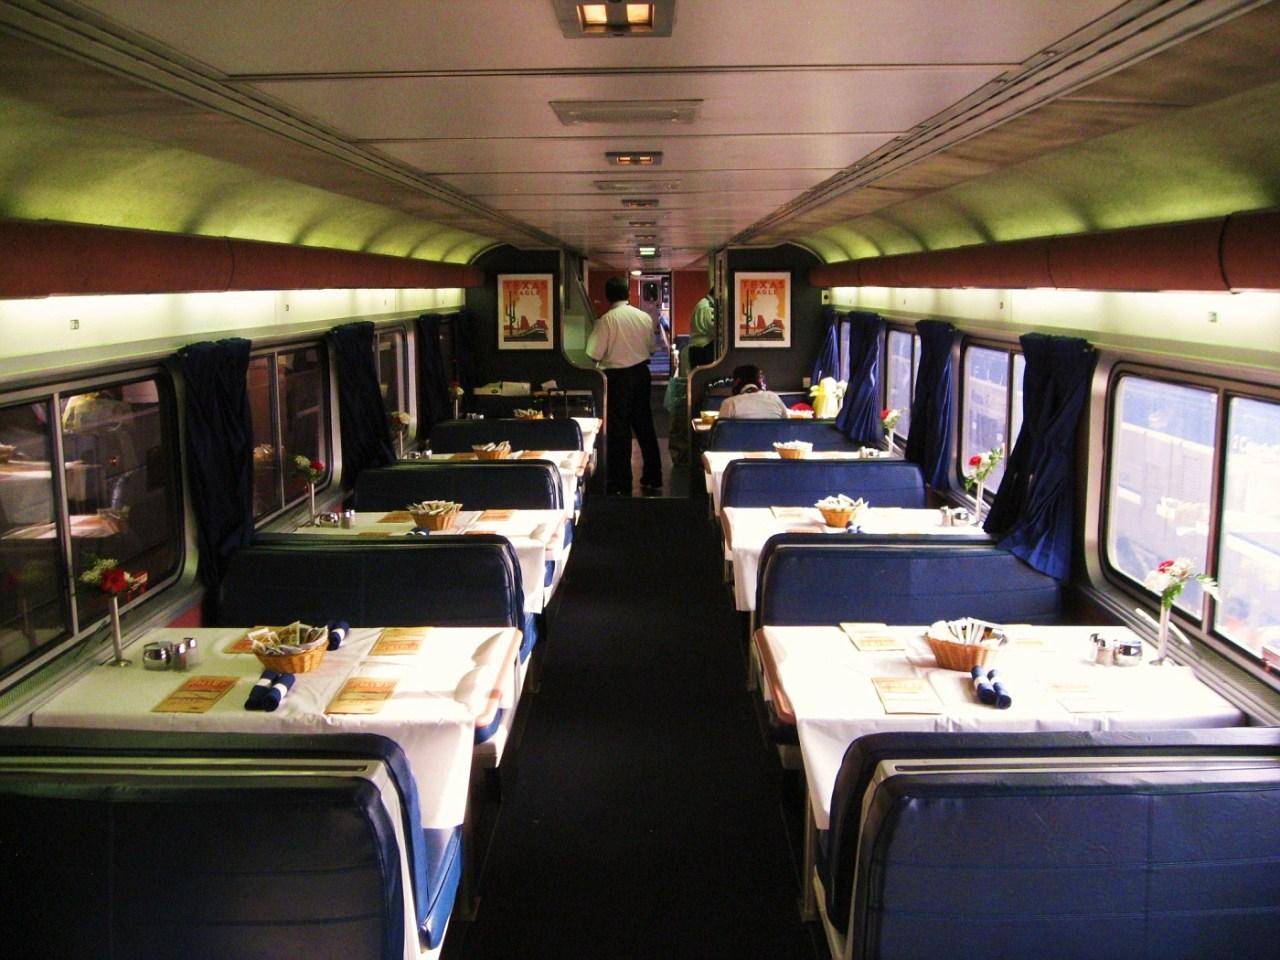 Amtrak SuperLiner Dining Car